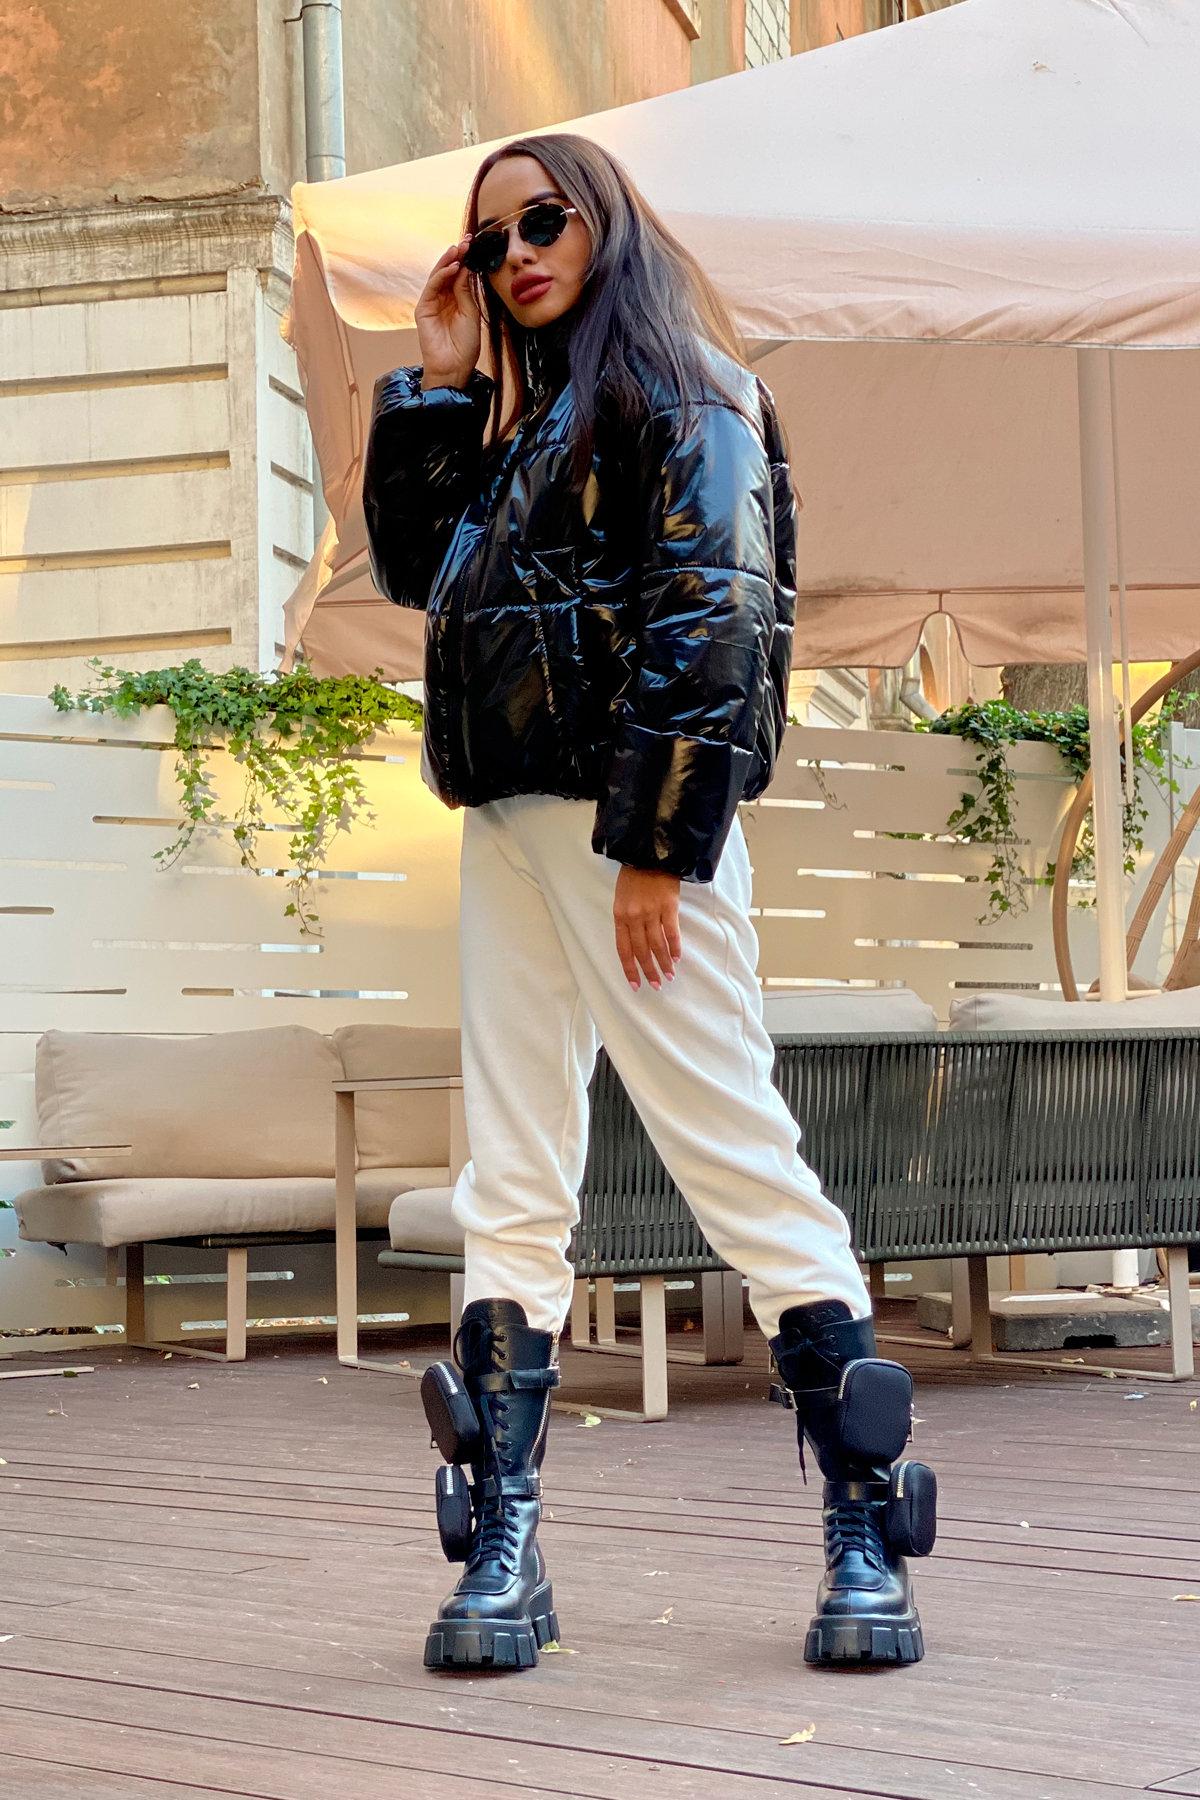 Куртка Драйв 8989 АРТ. 45299 Цвет: Черный - фото 16, интернет магазин tm-modus.ru